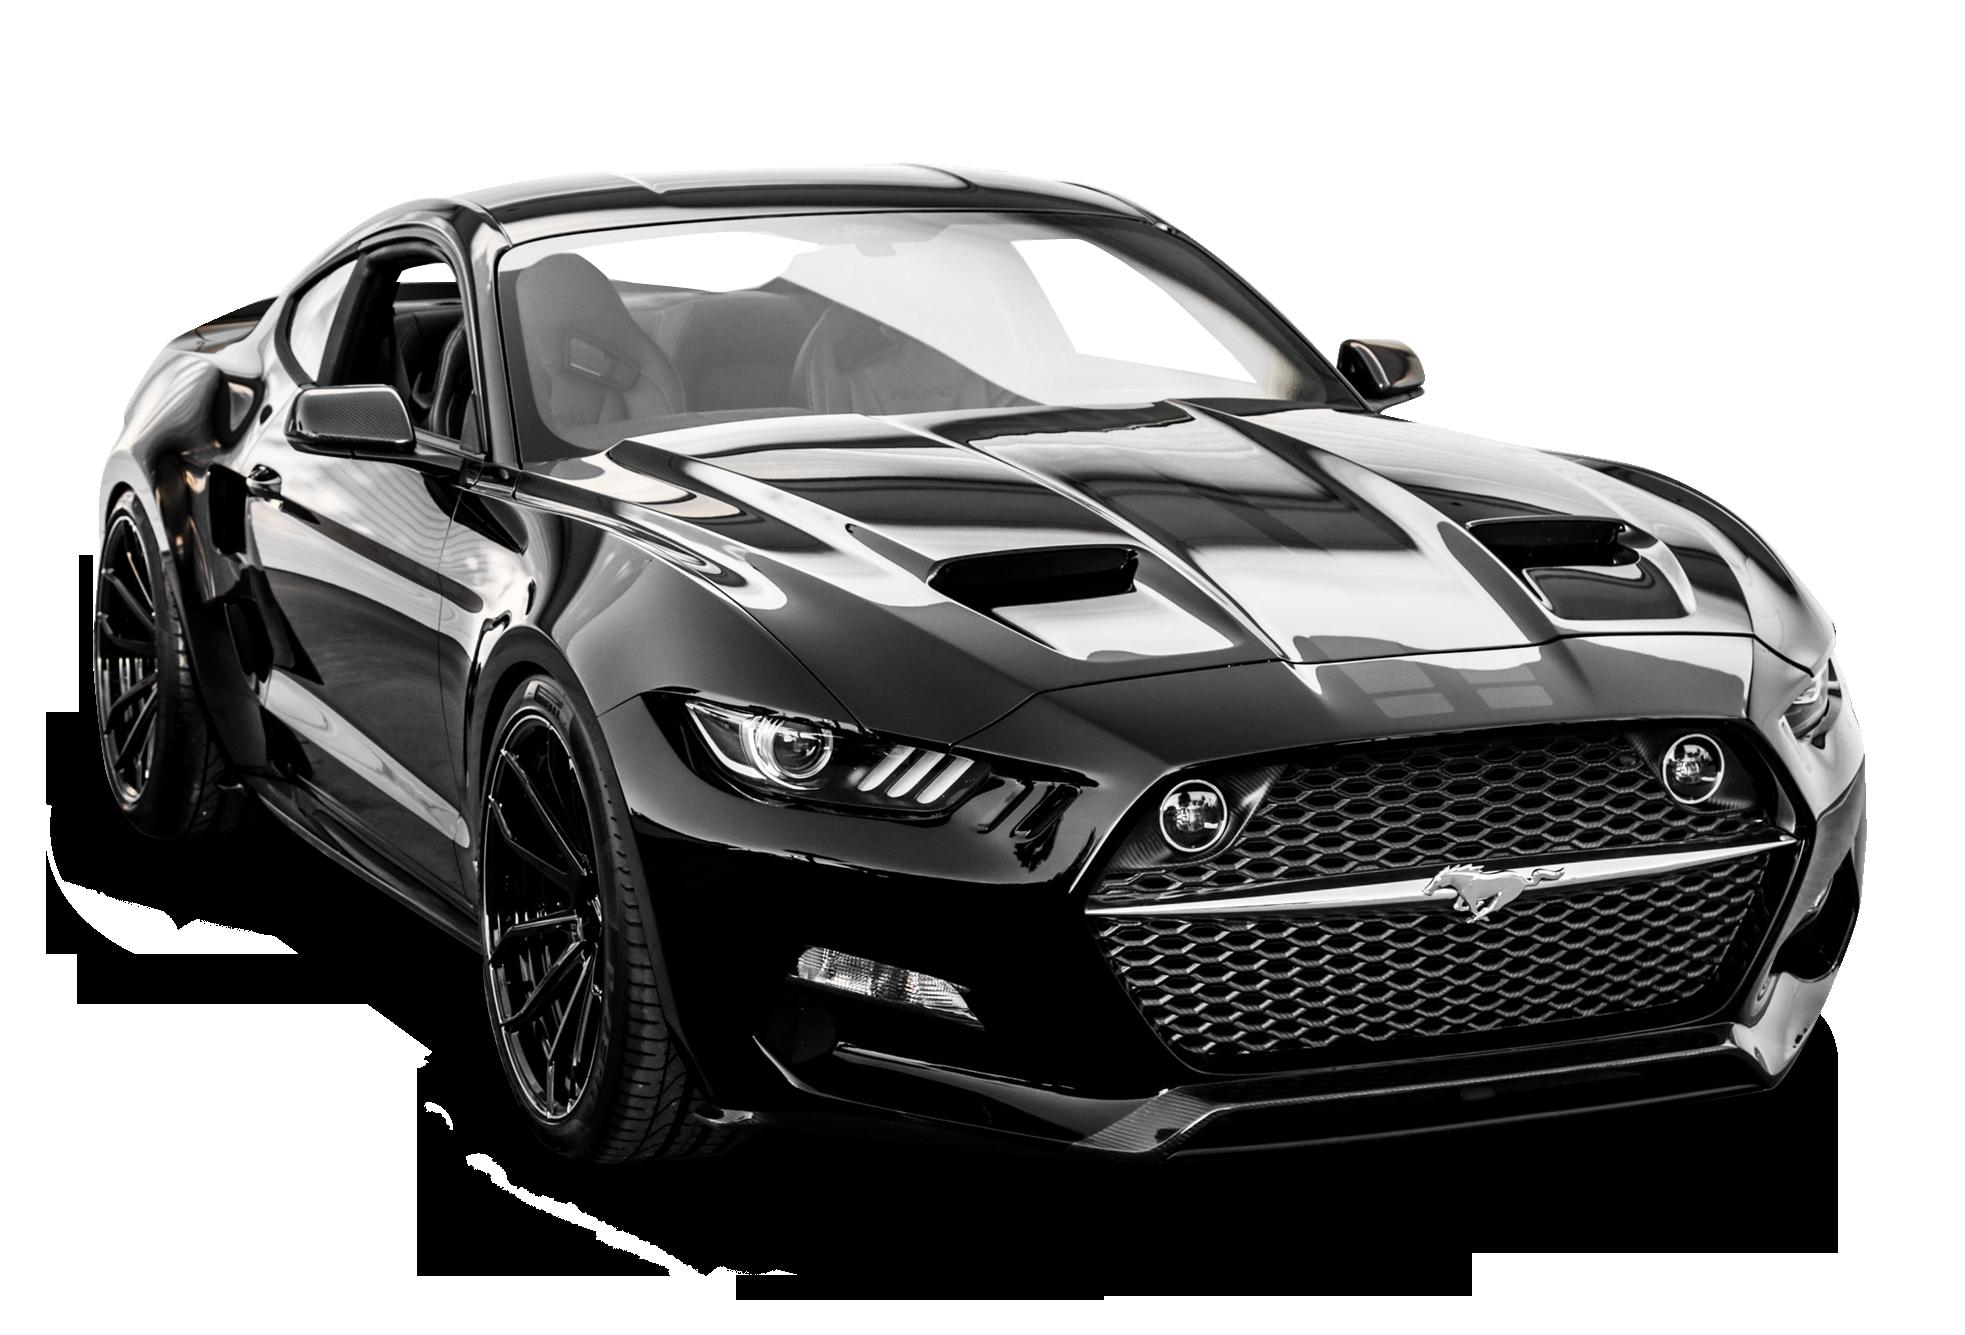 Mustang car clipart free jpg free download Ford Mustang Galpin Rocket Car PNG Image - PurePNG | Free ... jpg free download